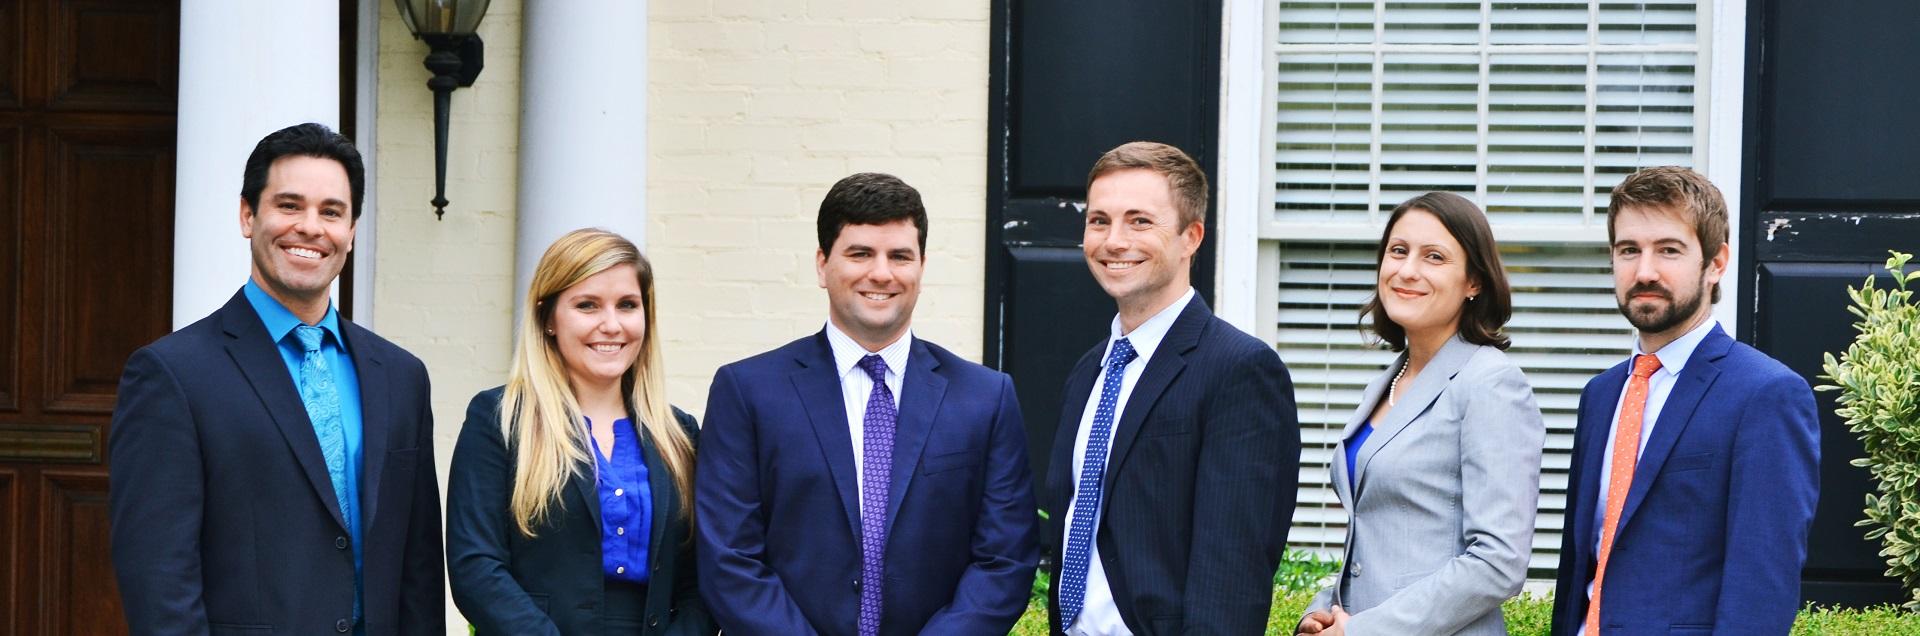 NC attorneys